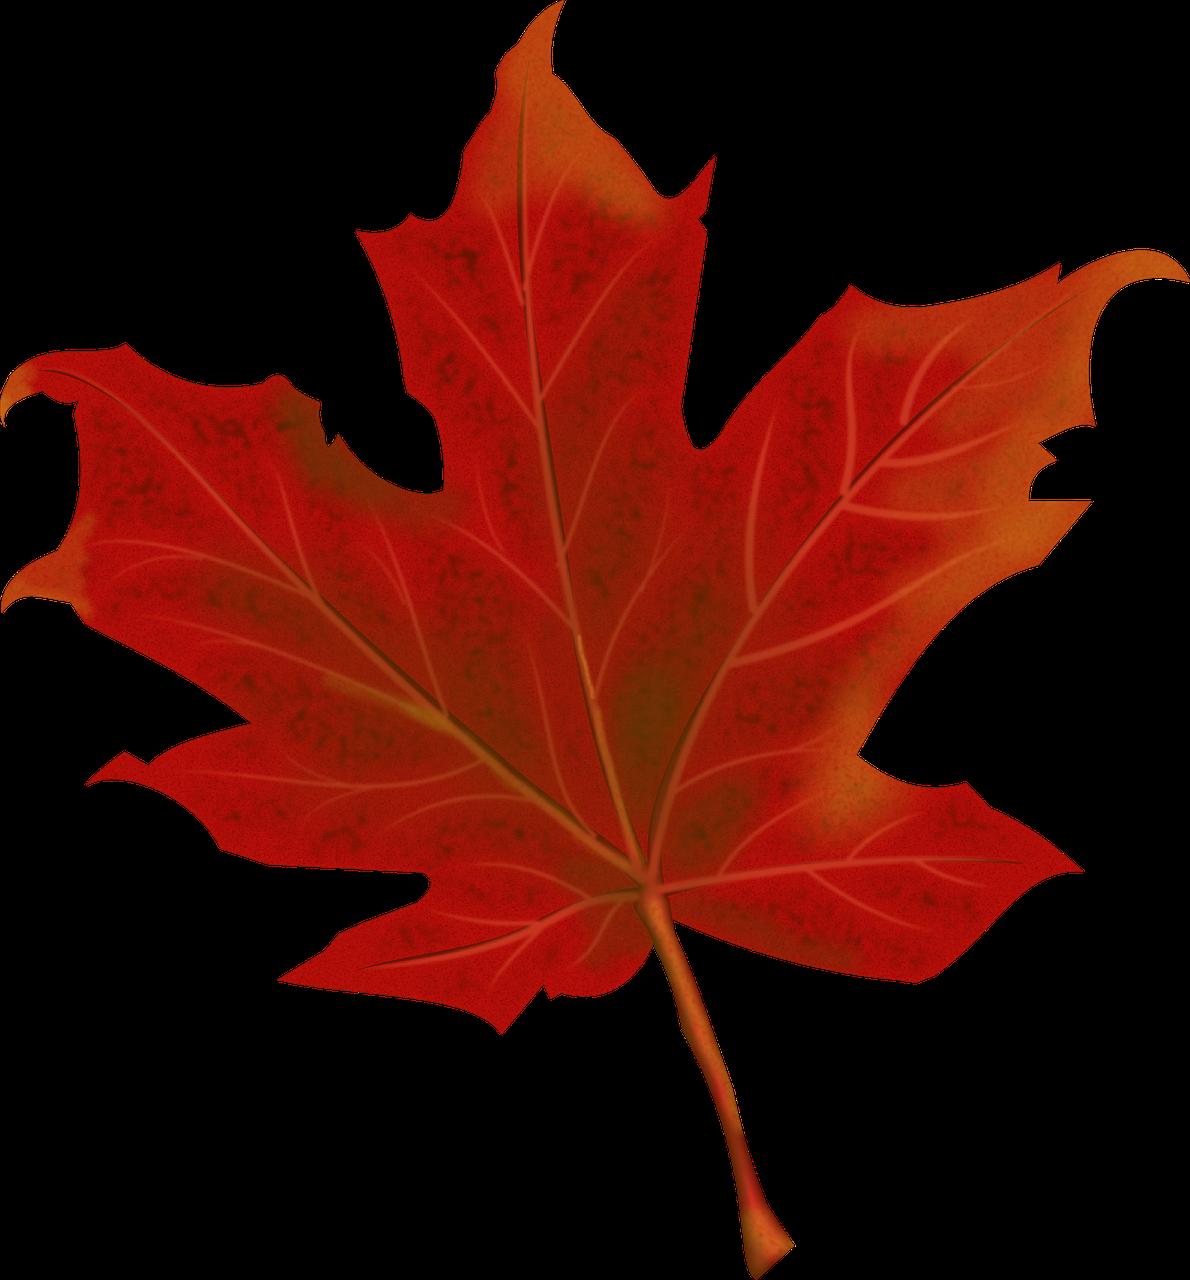 liść,jesień,jesienne liście,spadek,czerwony,pora roku,odchodzi,klon,październik,listowie,jesienny,Kanada,Natura,drzewo,spadek liści,jesienne liście,powalać drzewa,darmowa grafika wektorowa